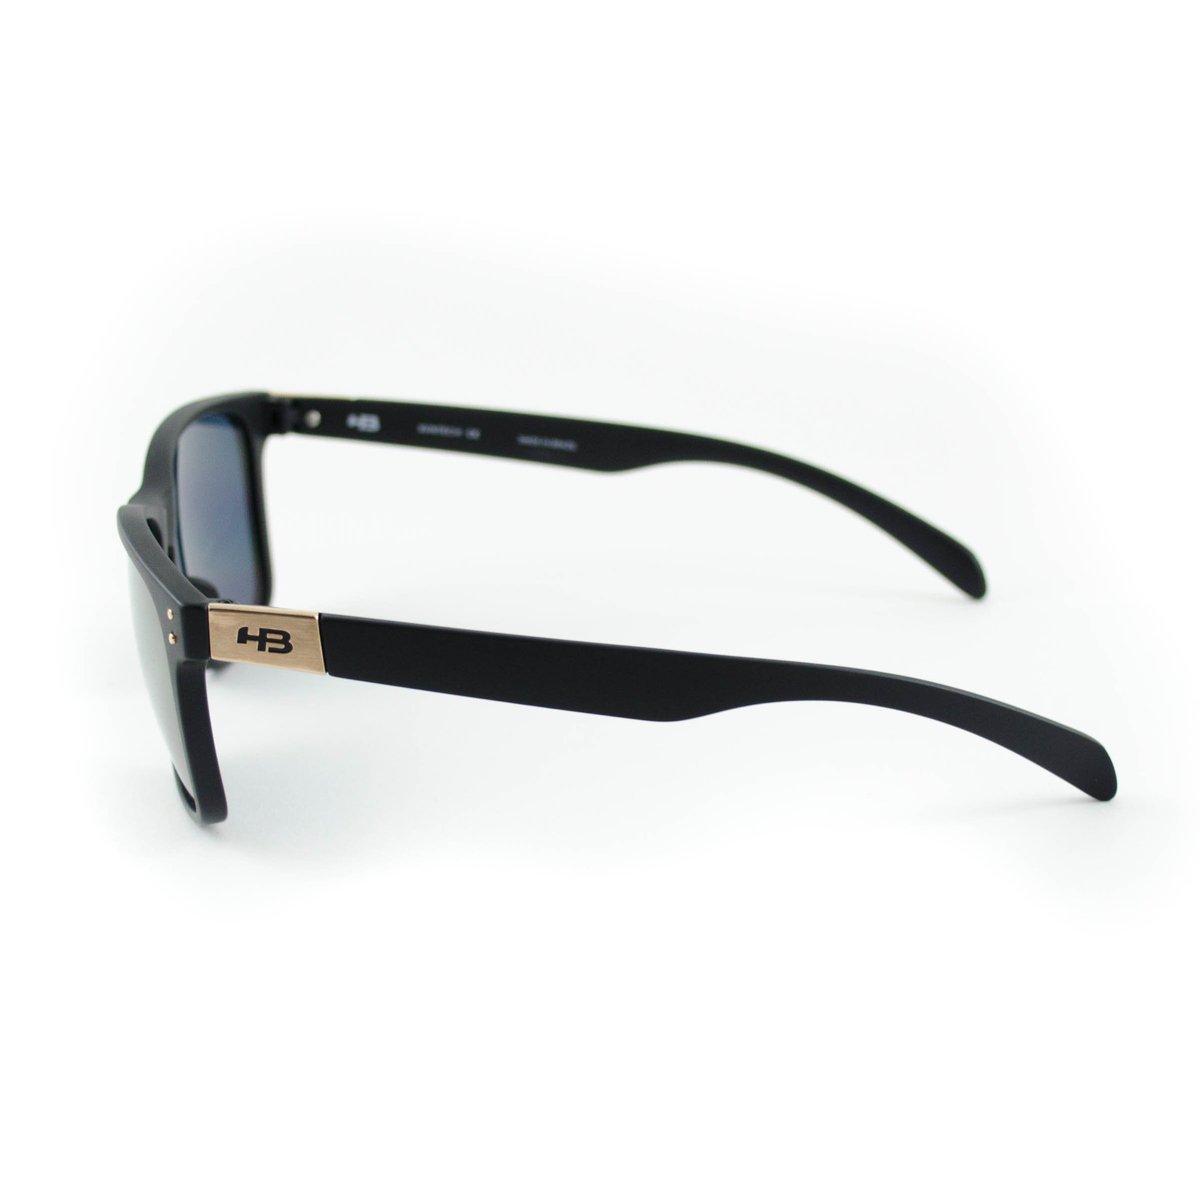 a291d0f9652d4 Óculos de Sol HB Hot Buttered - Compre Agora   Zattini